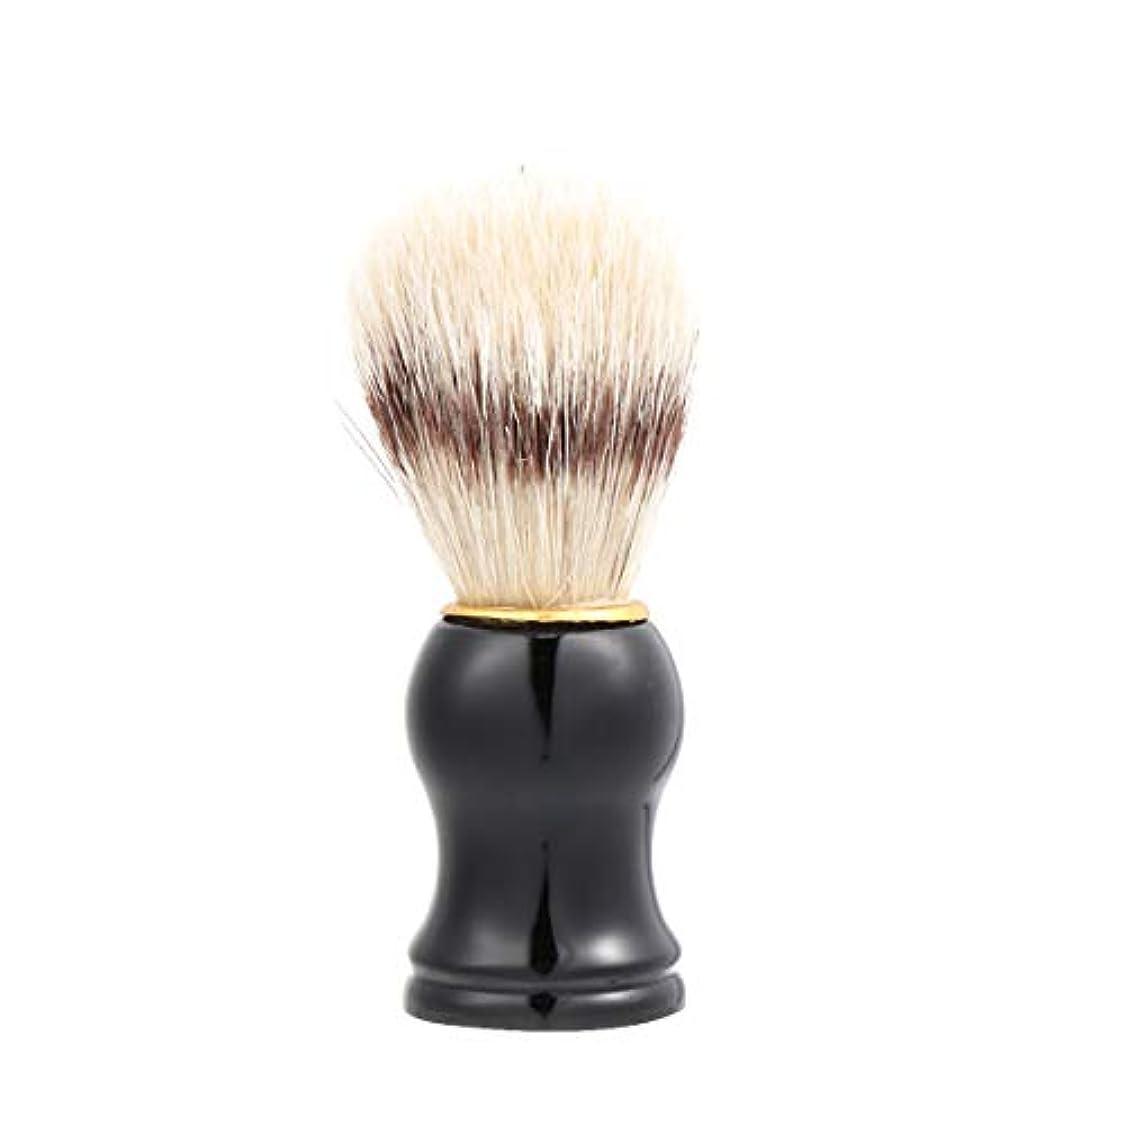 宣教師カートン確かなLurrose 男性の剃毛ブラシ 毛髭ひげ 剃毛ブラシ ソフト フェイシャルケア ヘアクレンジングブラシ